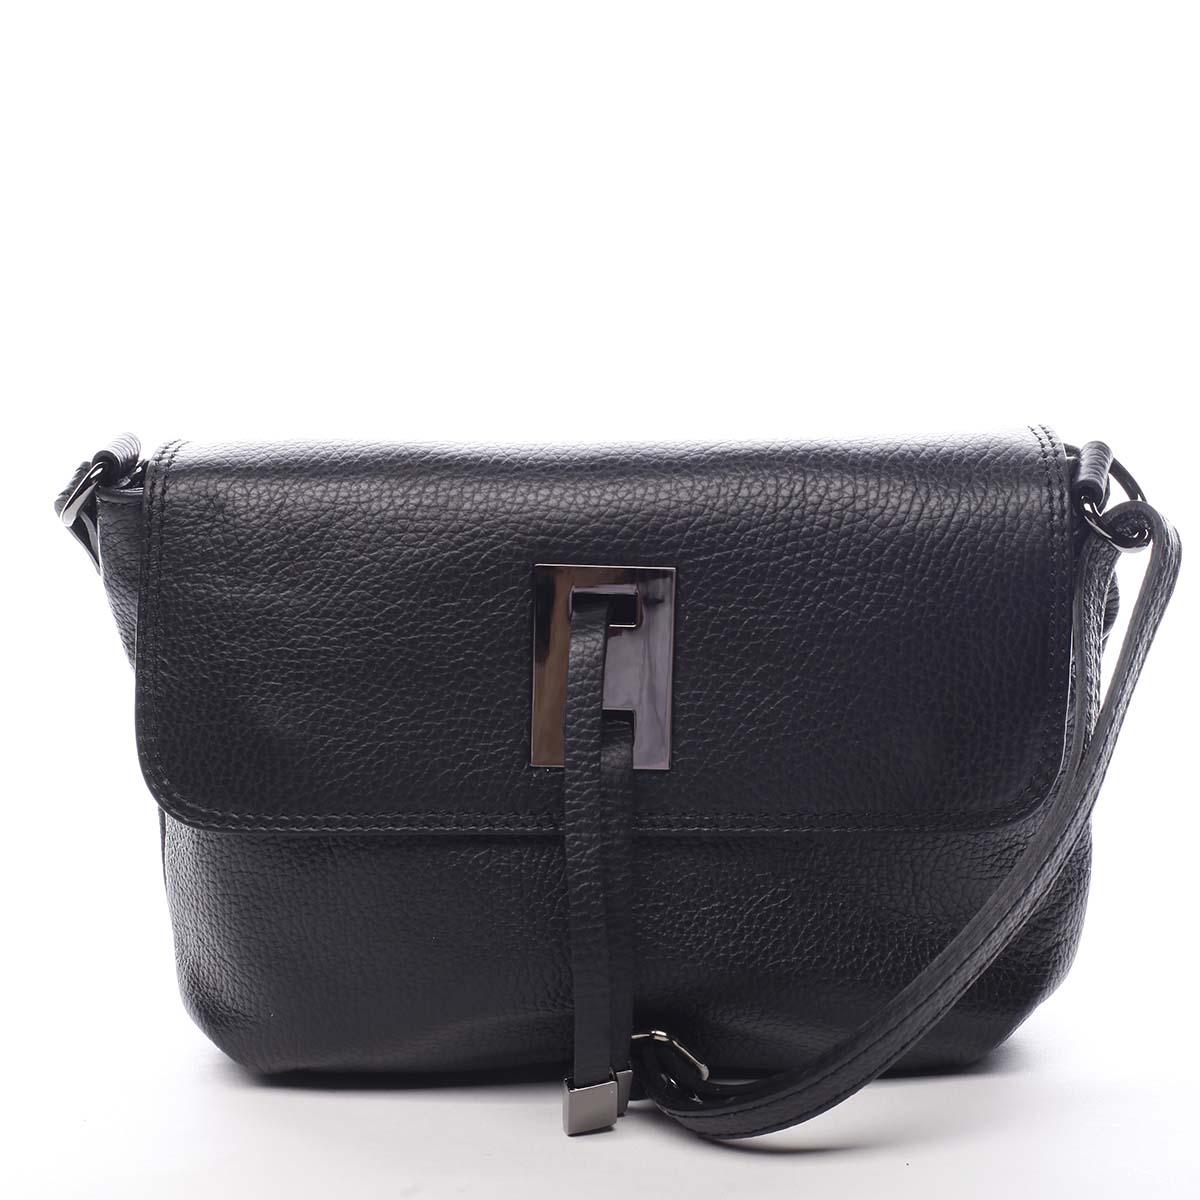 Dámská kožená crossbody kabelka černá - ItalY Porta